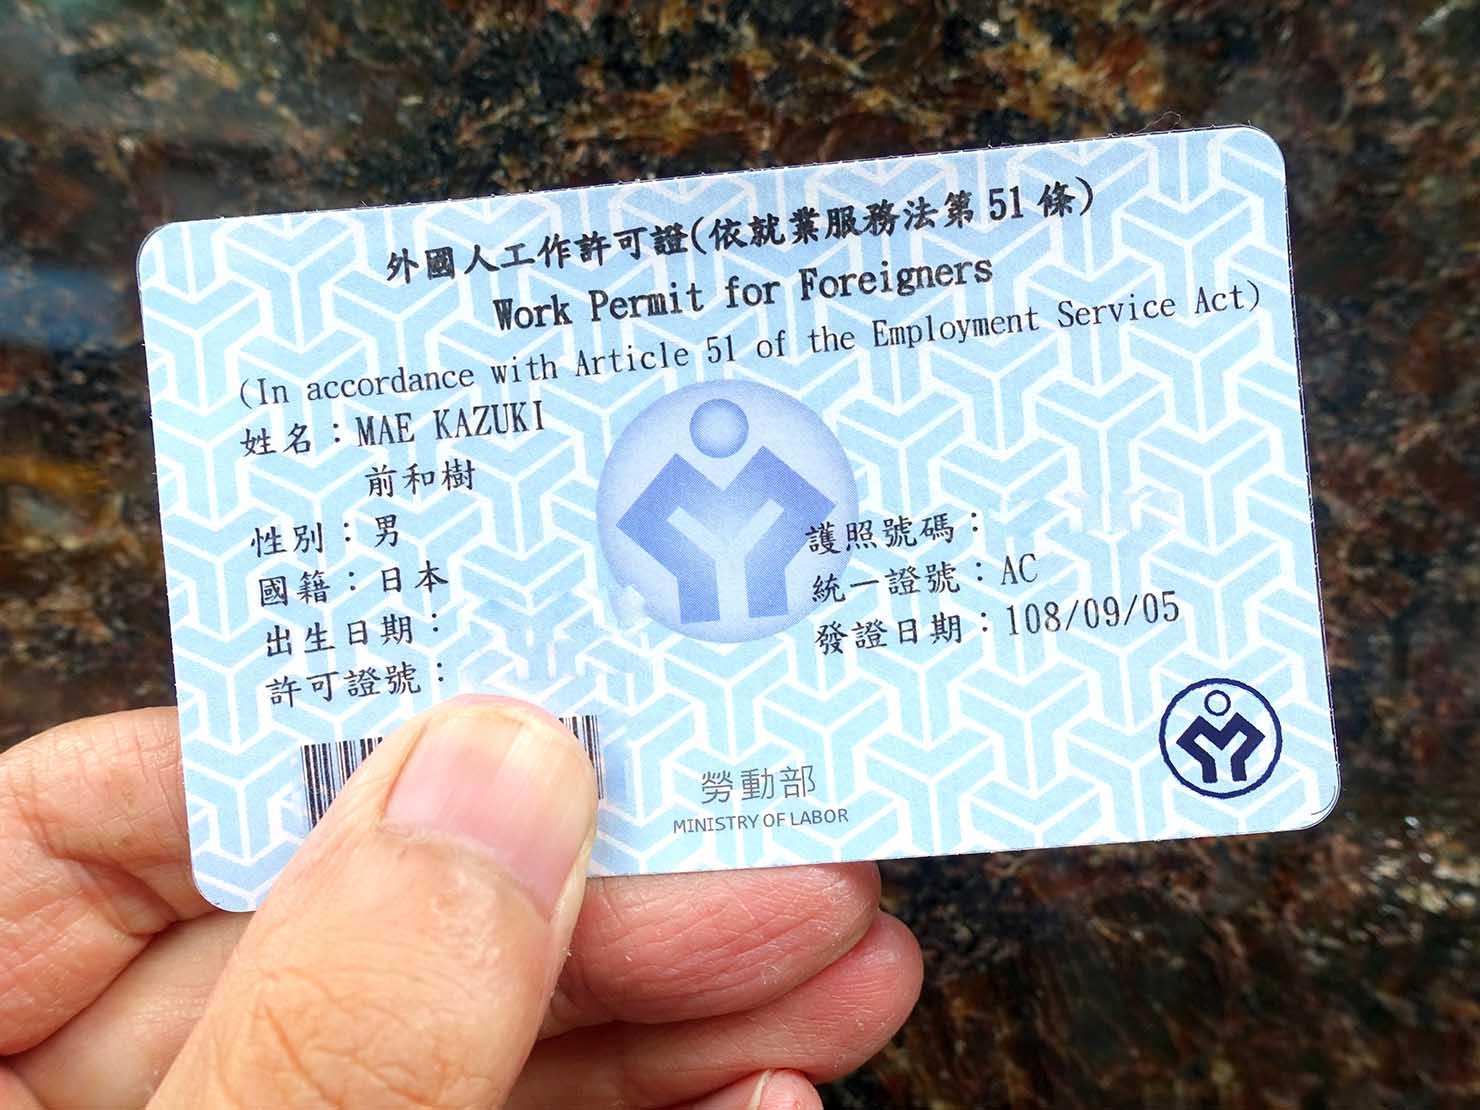 台湾で永住権を取ったら入手したい「外國人工作許可證(永久工作證)」